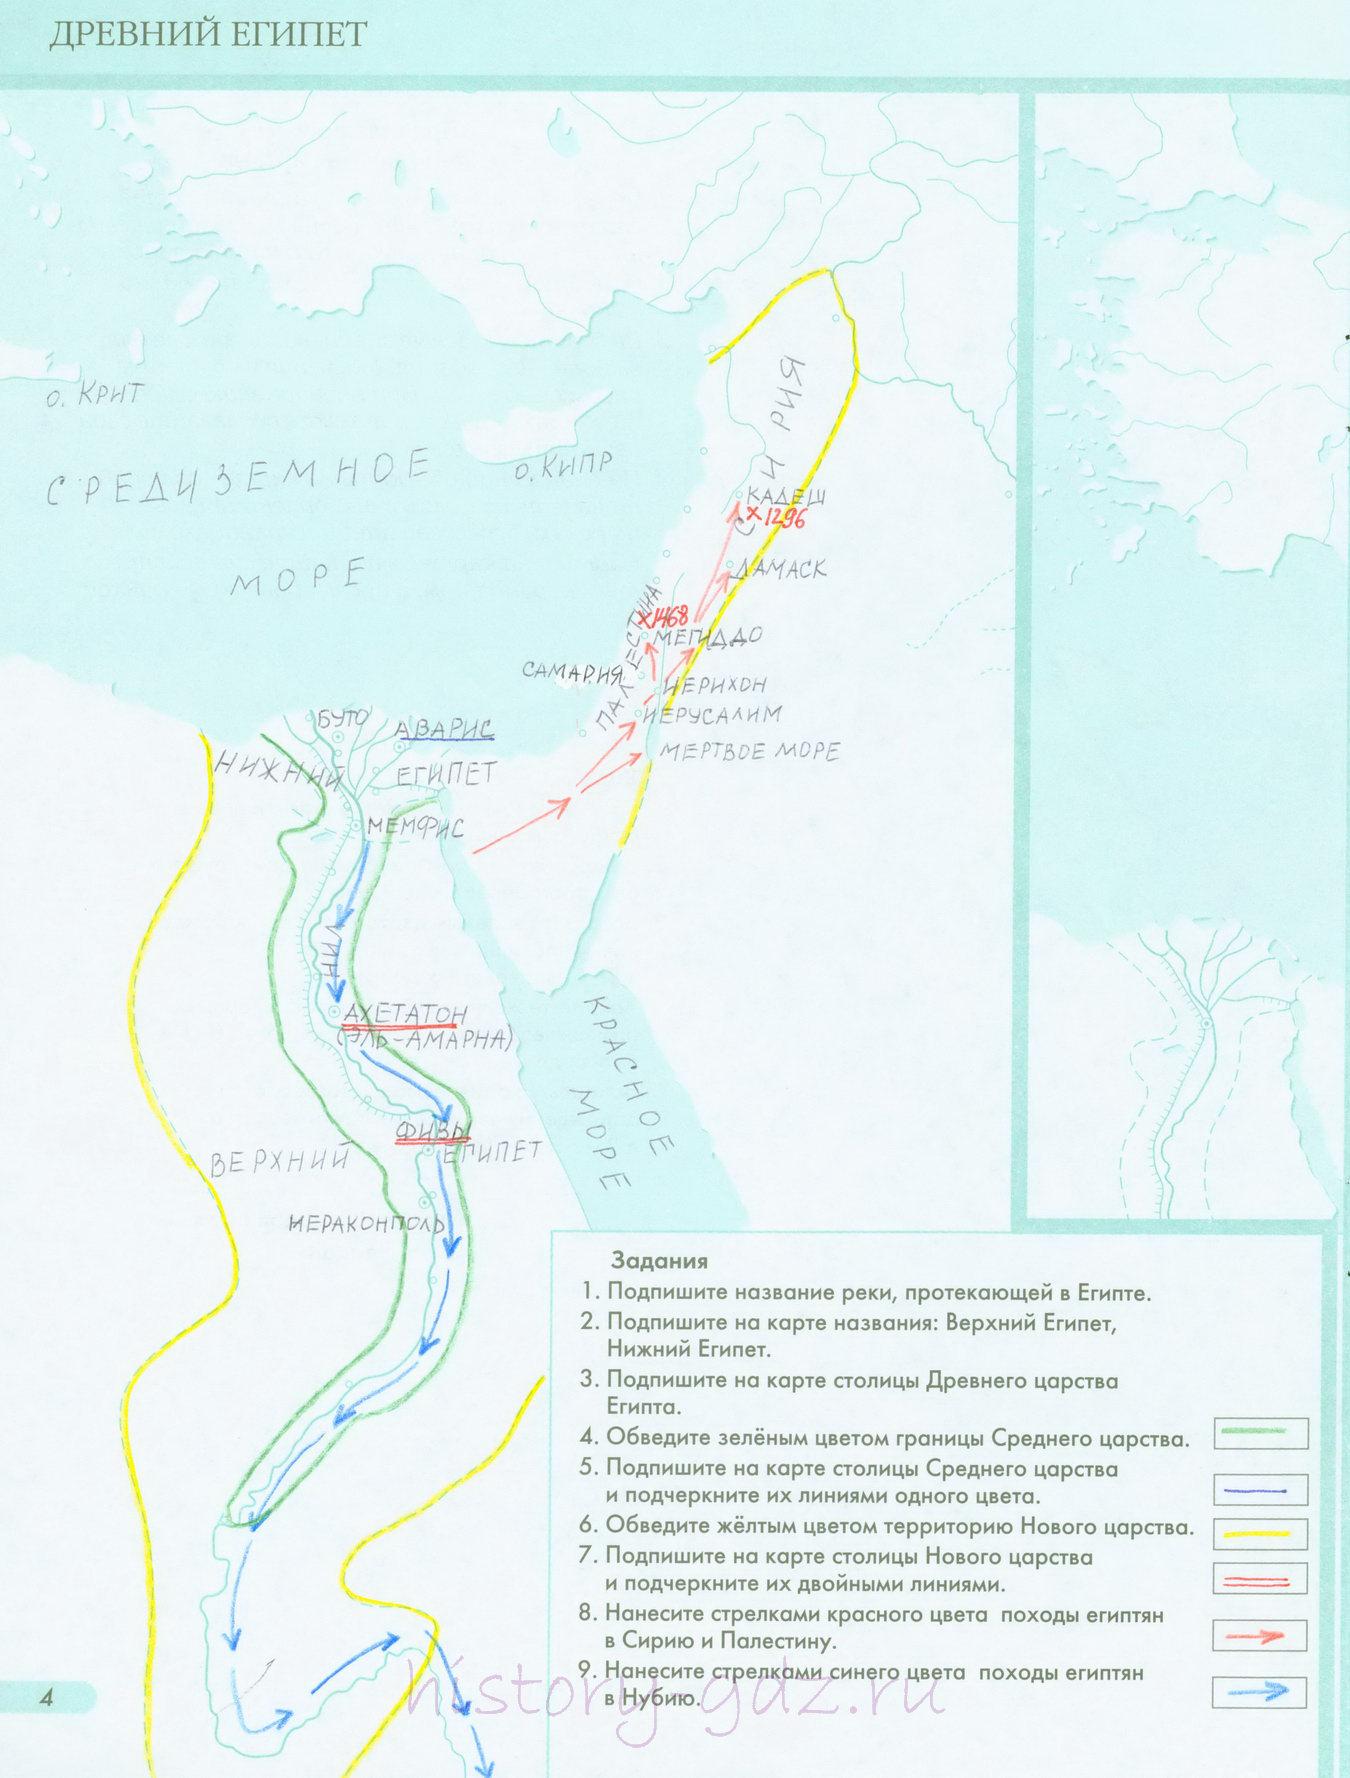 С древнего карт атлас истории мира комплектом гдз контурных 5 класс